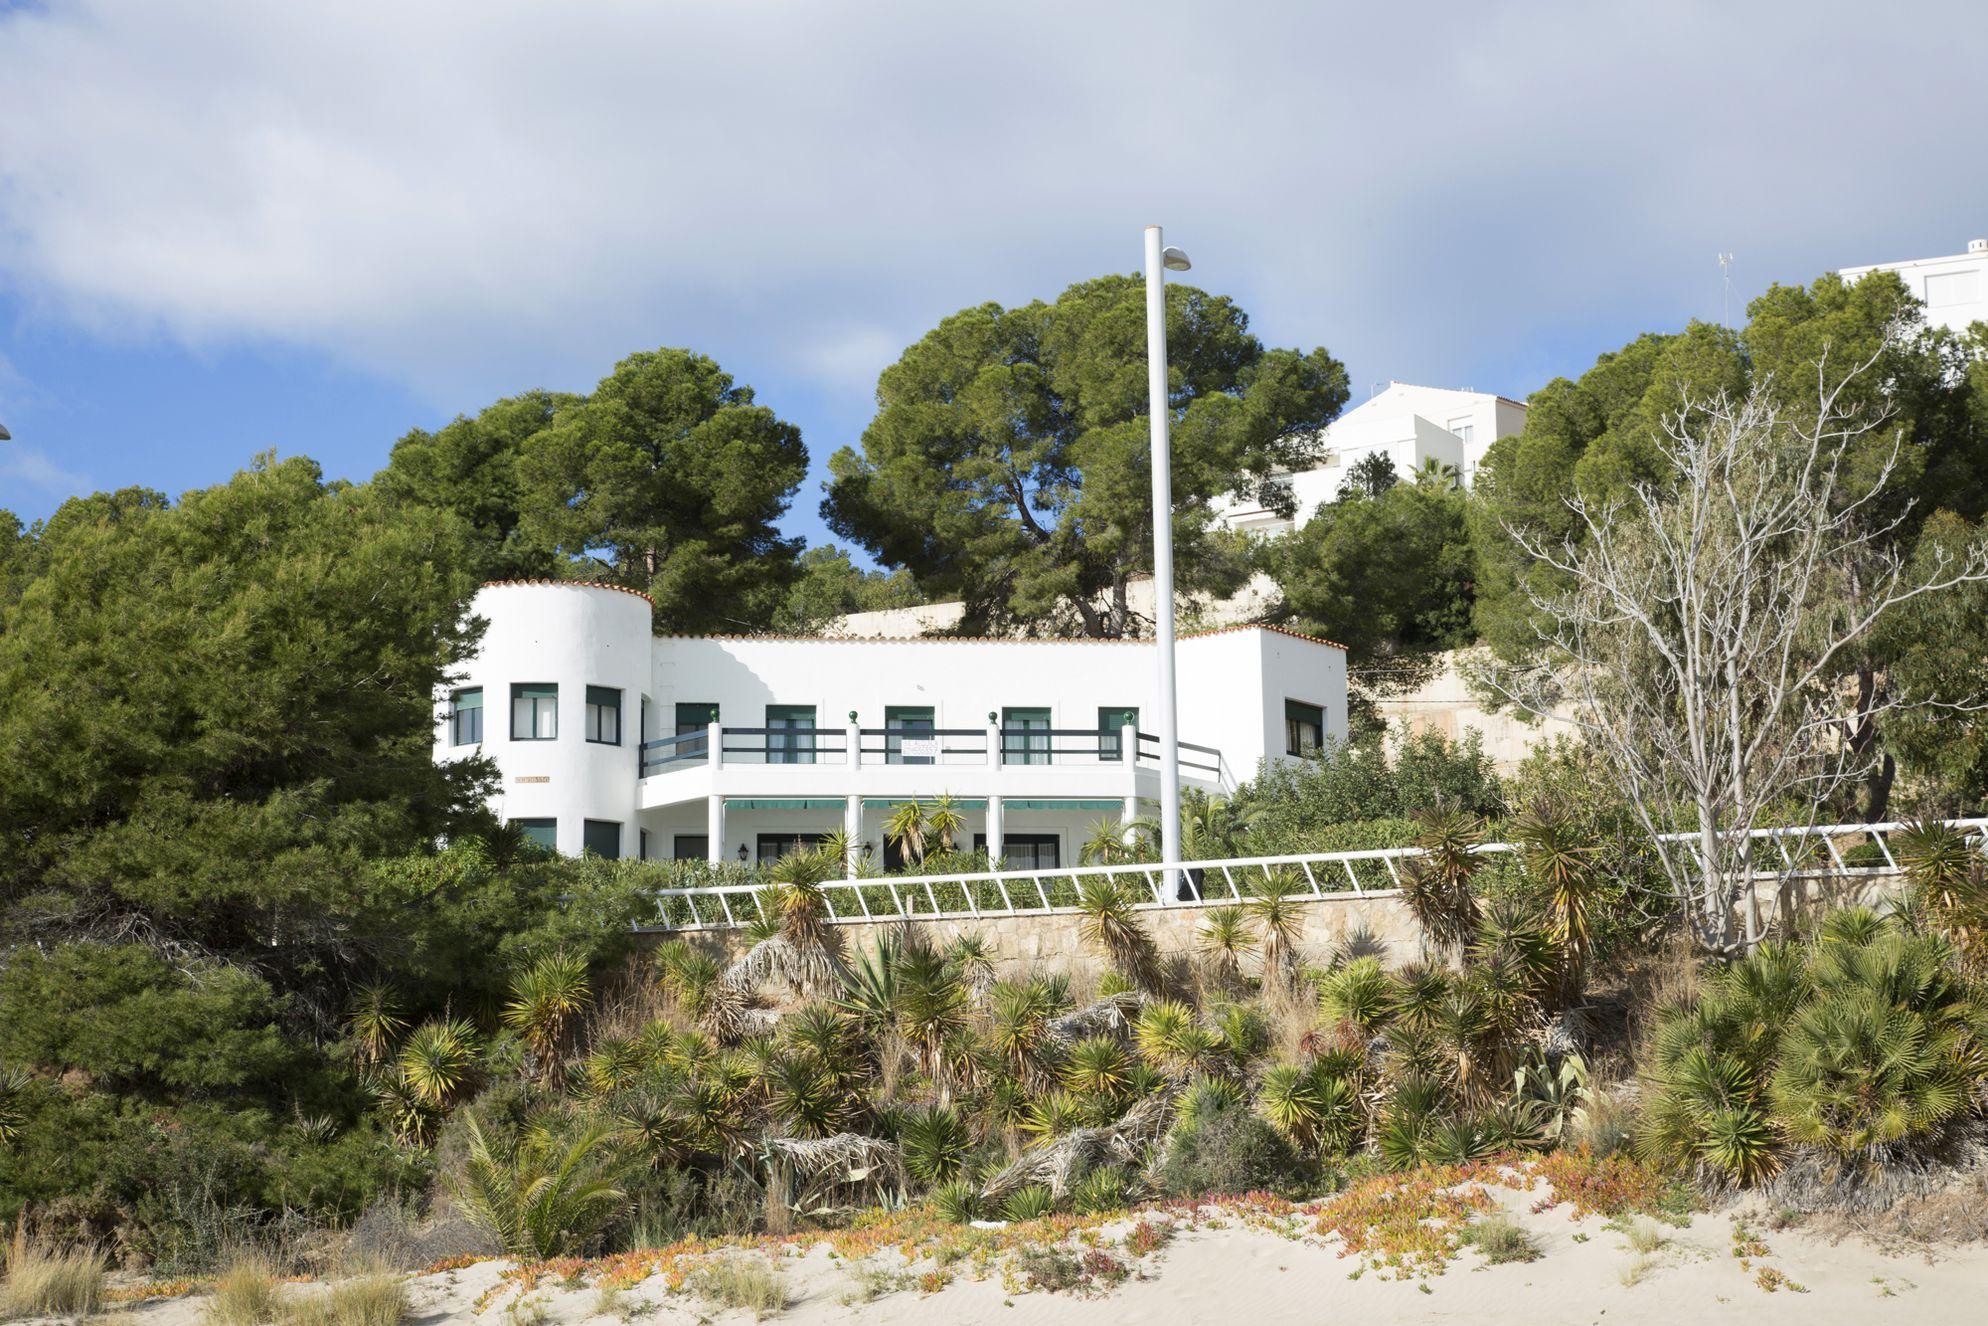 Villa Socarrat on the southern fringe of the built-up resort of Oropesa del Mar